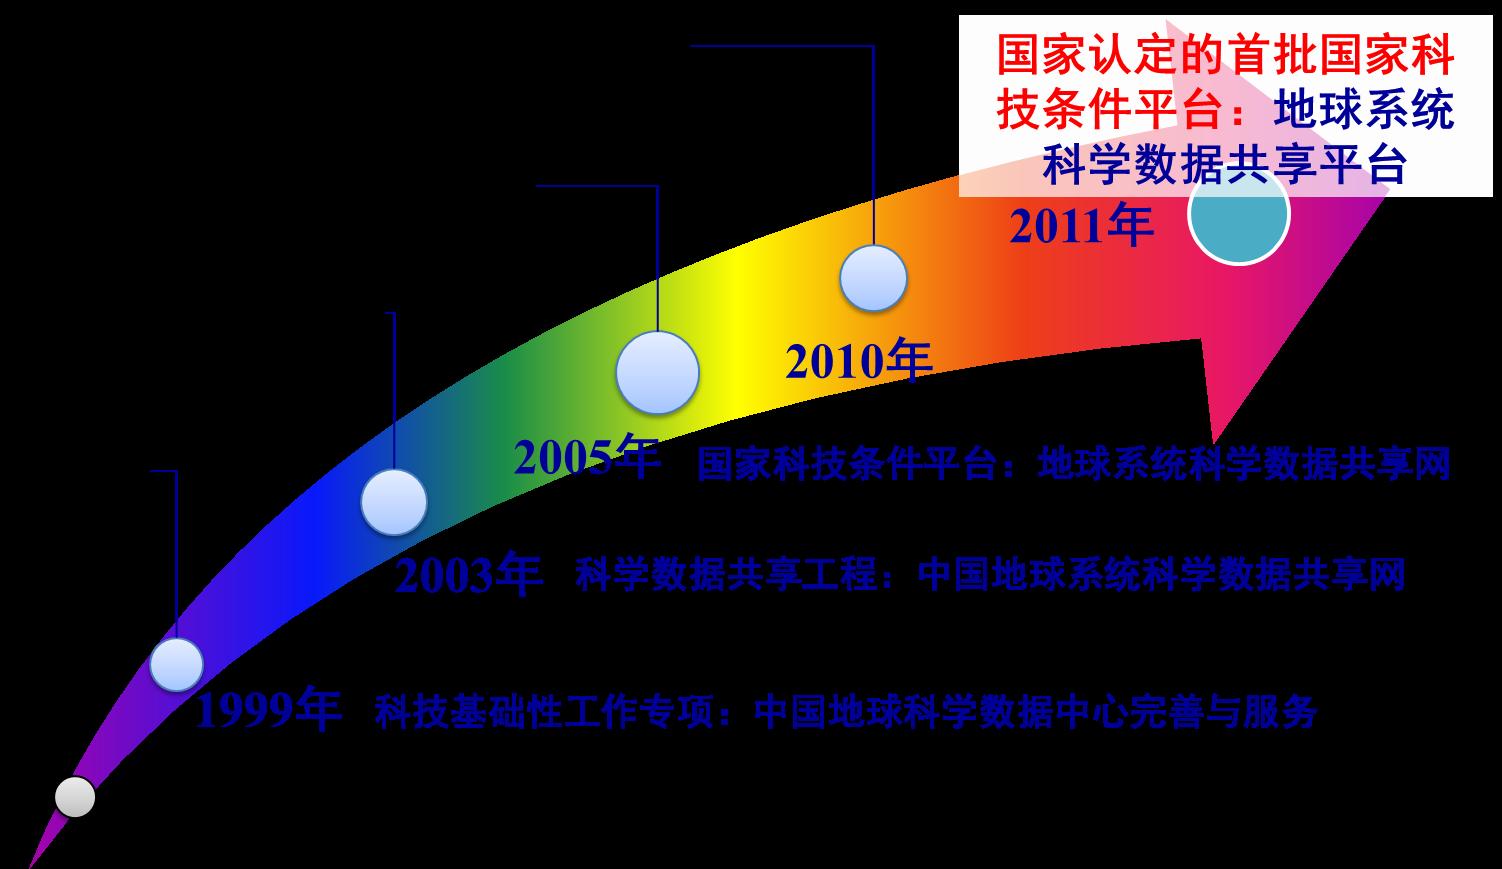 国家地球系统科学数据共享平台